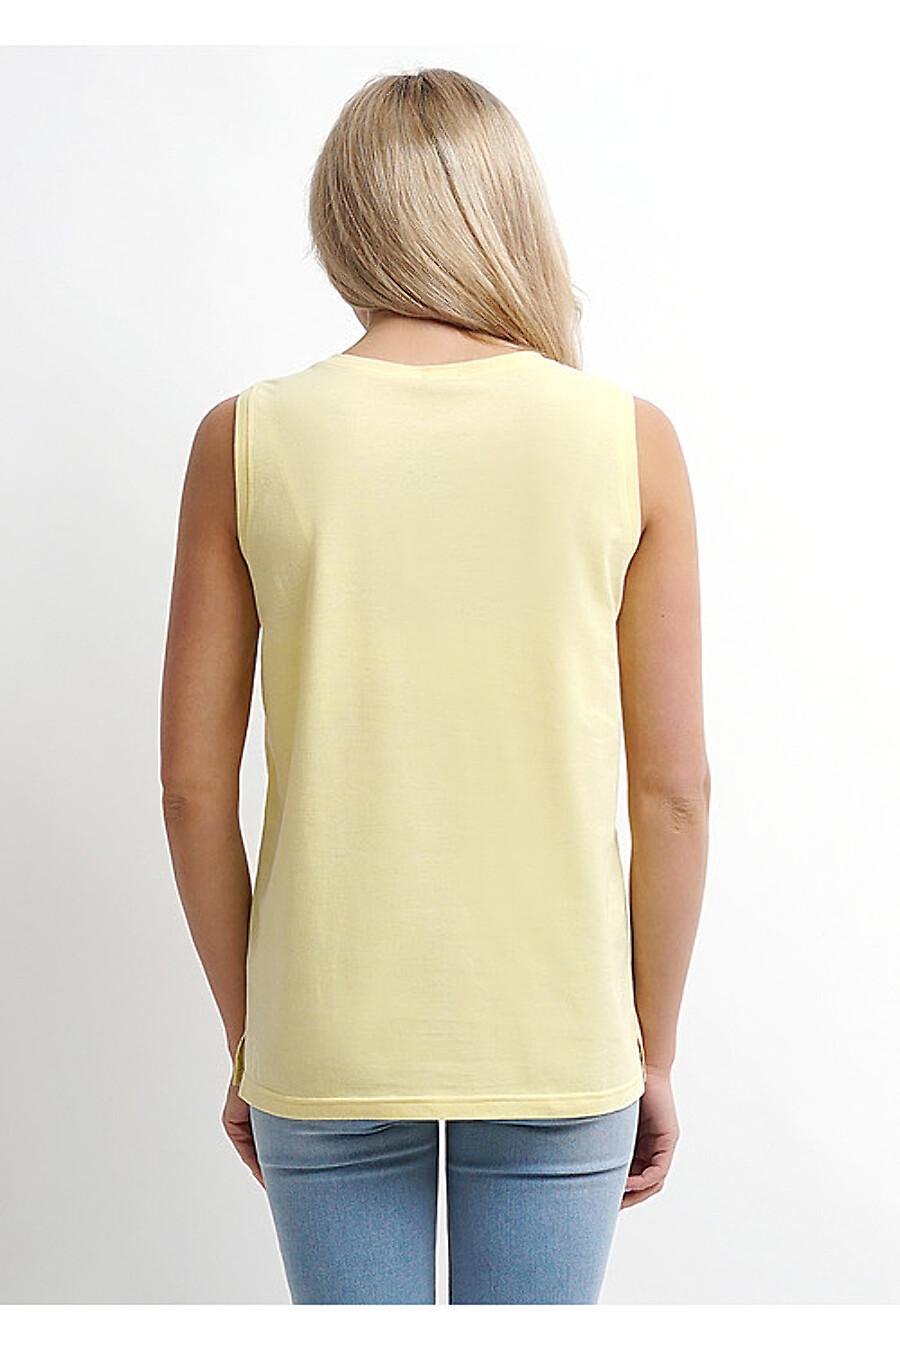 Майка для женщин CLEVER 169281 купить оптом от производителя. Совместная покупка женской одежды в OptMoyo